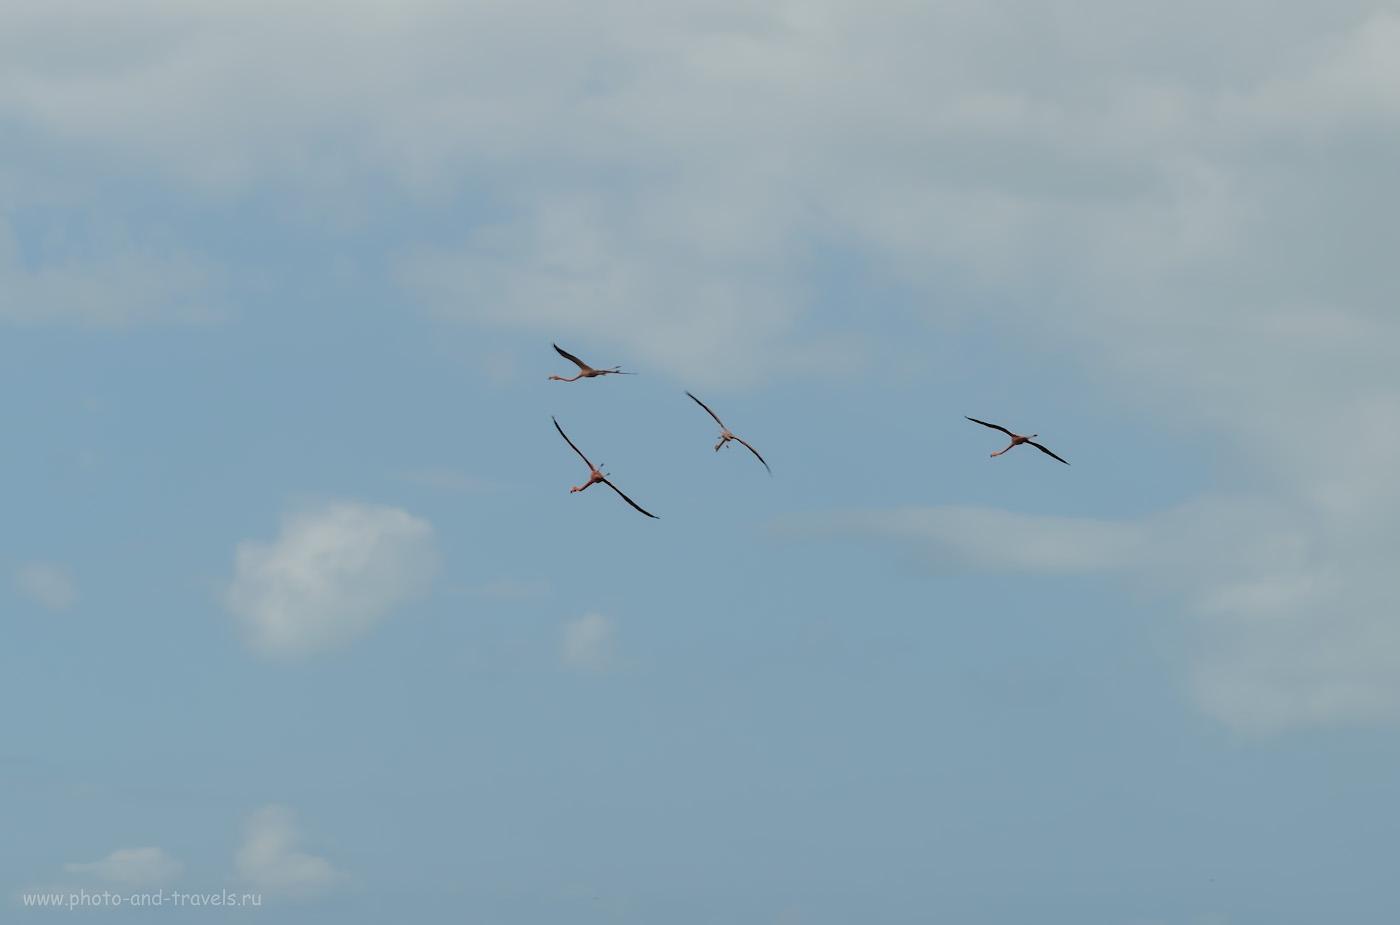 """Фото 9. Когда последний раз вы видели фламинго в небе? Мы повстречали их в заповеднике """"Reserva de la Biosfera Ría Celestún"""" во время самостоятельного путешествия из Канкуна по Юкотану на автомобиле. 1/200, 13.0, 100, 55."""